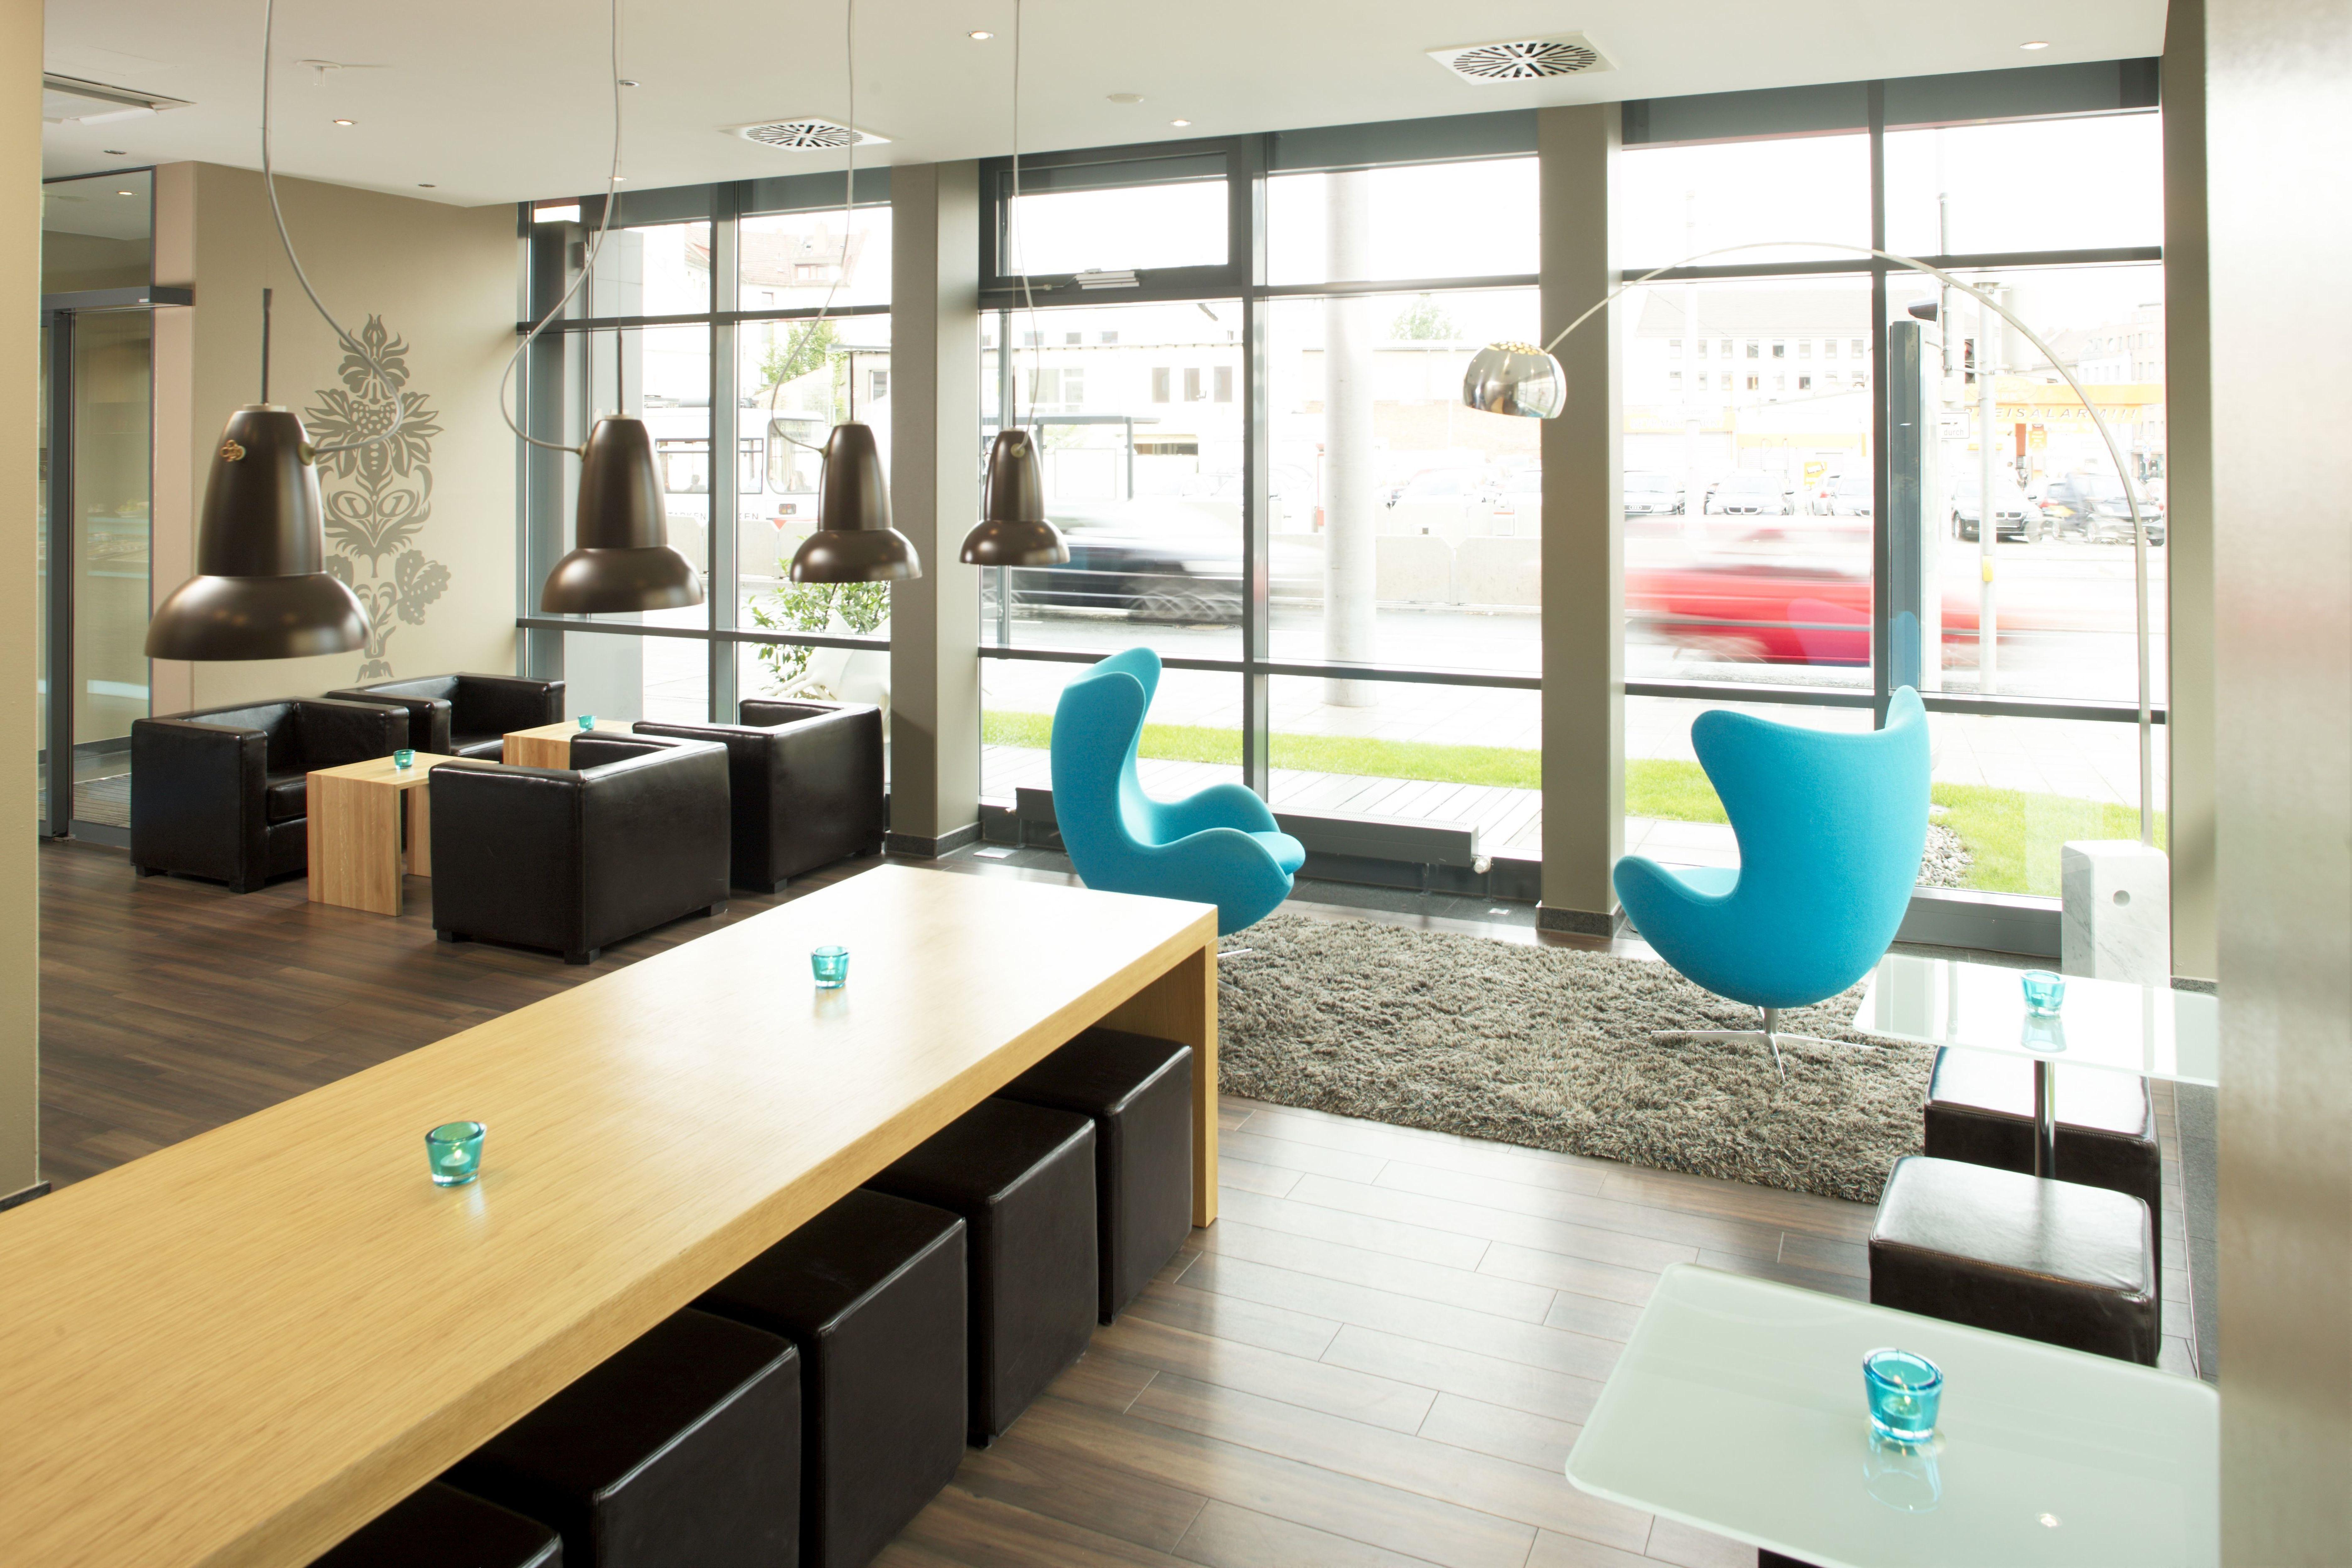 hotel motel one n rnberg pl rrer hotels hotels restaurants n rnberg deutschland tel. Black Bedroom Furniture Sets. Home Design Ideas